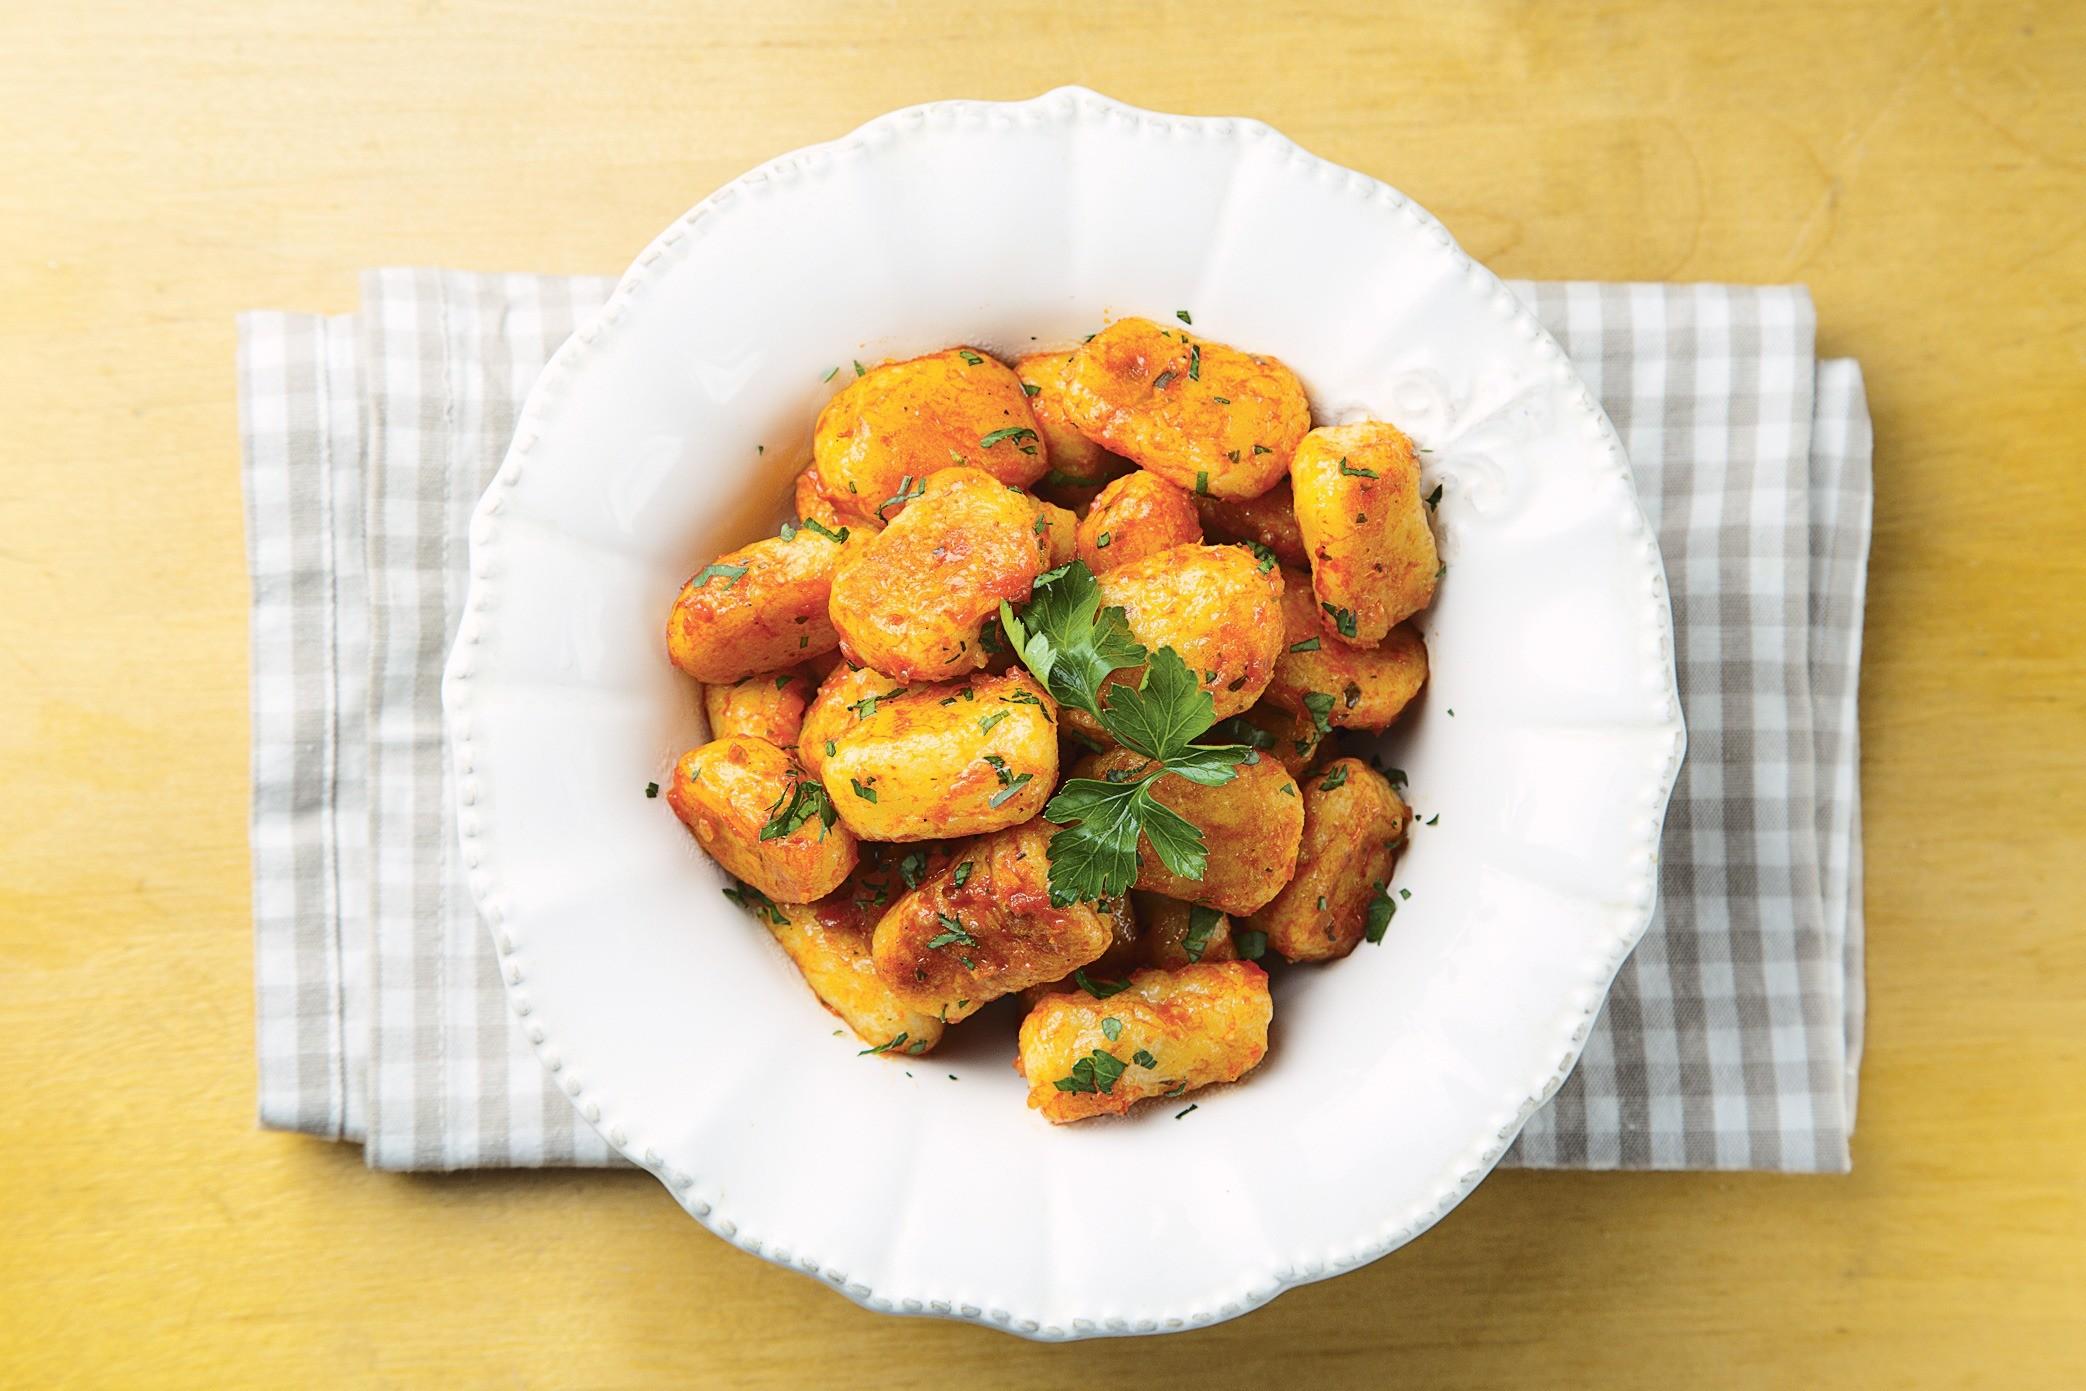 здесь ньокки картофельные рецепт с фото пошагово счет